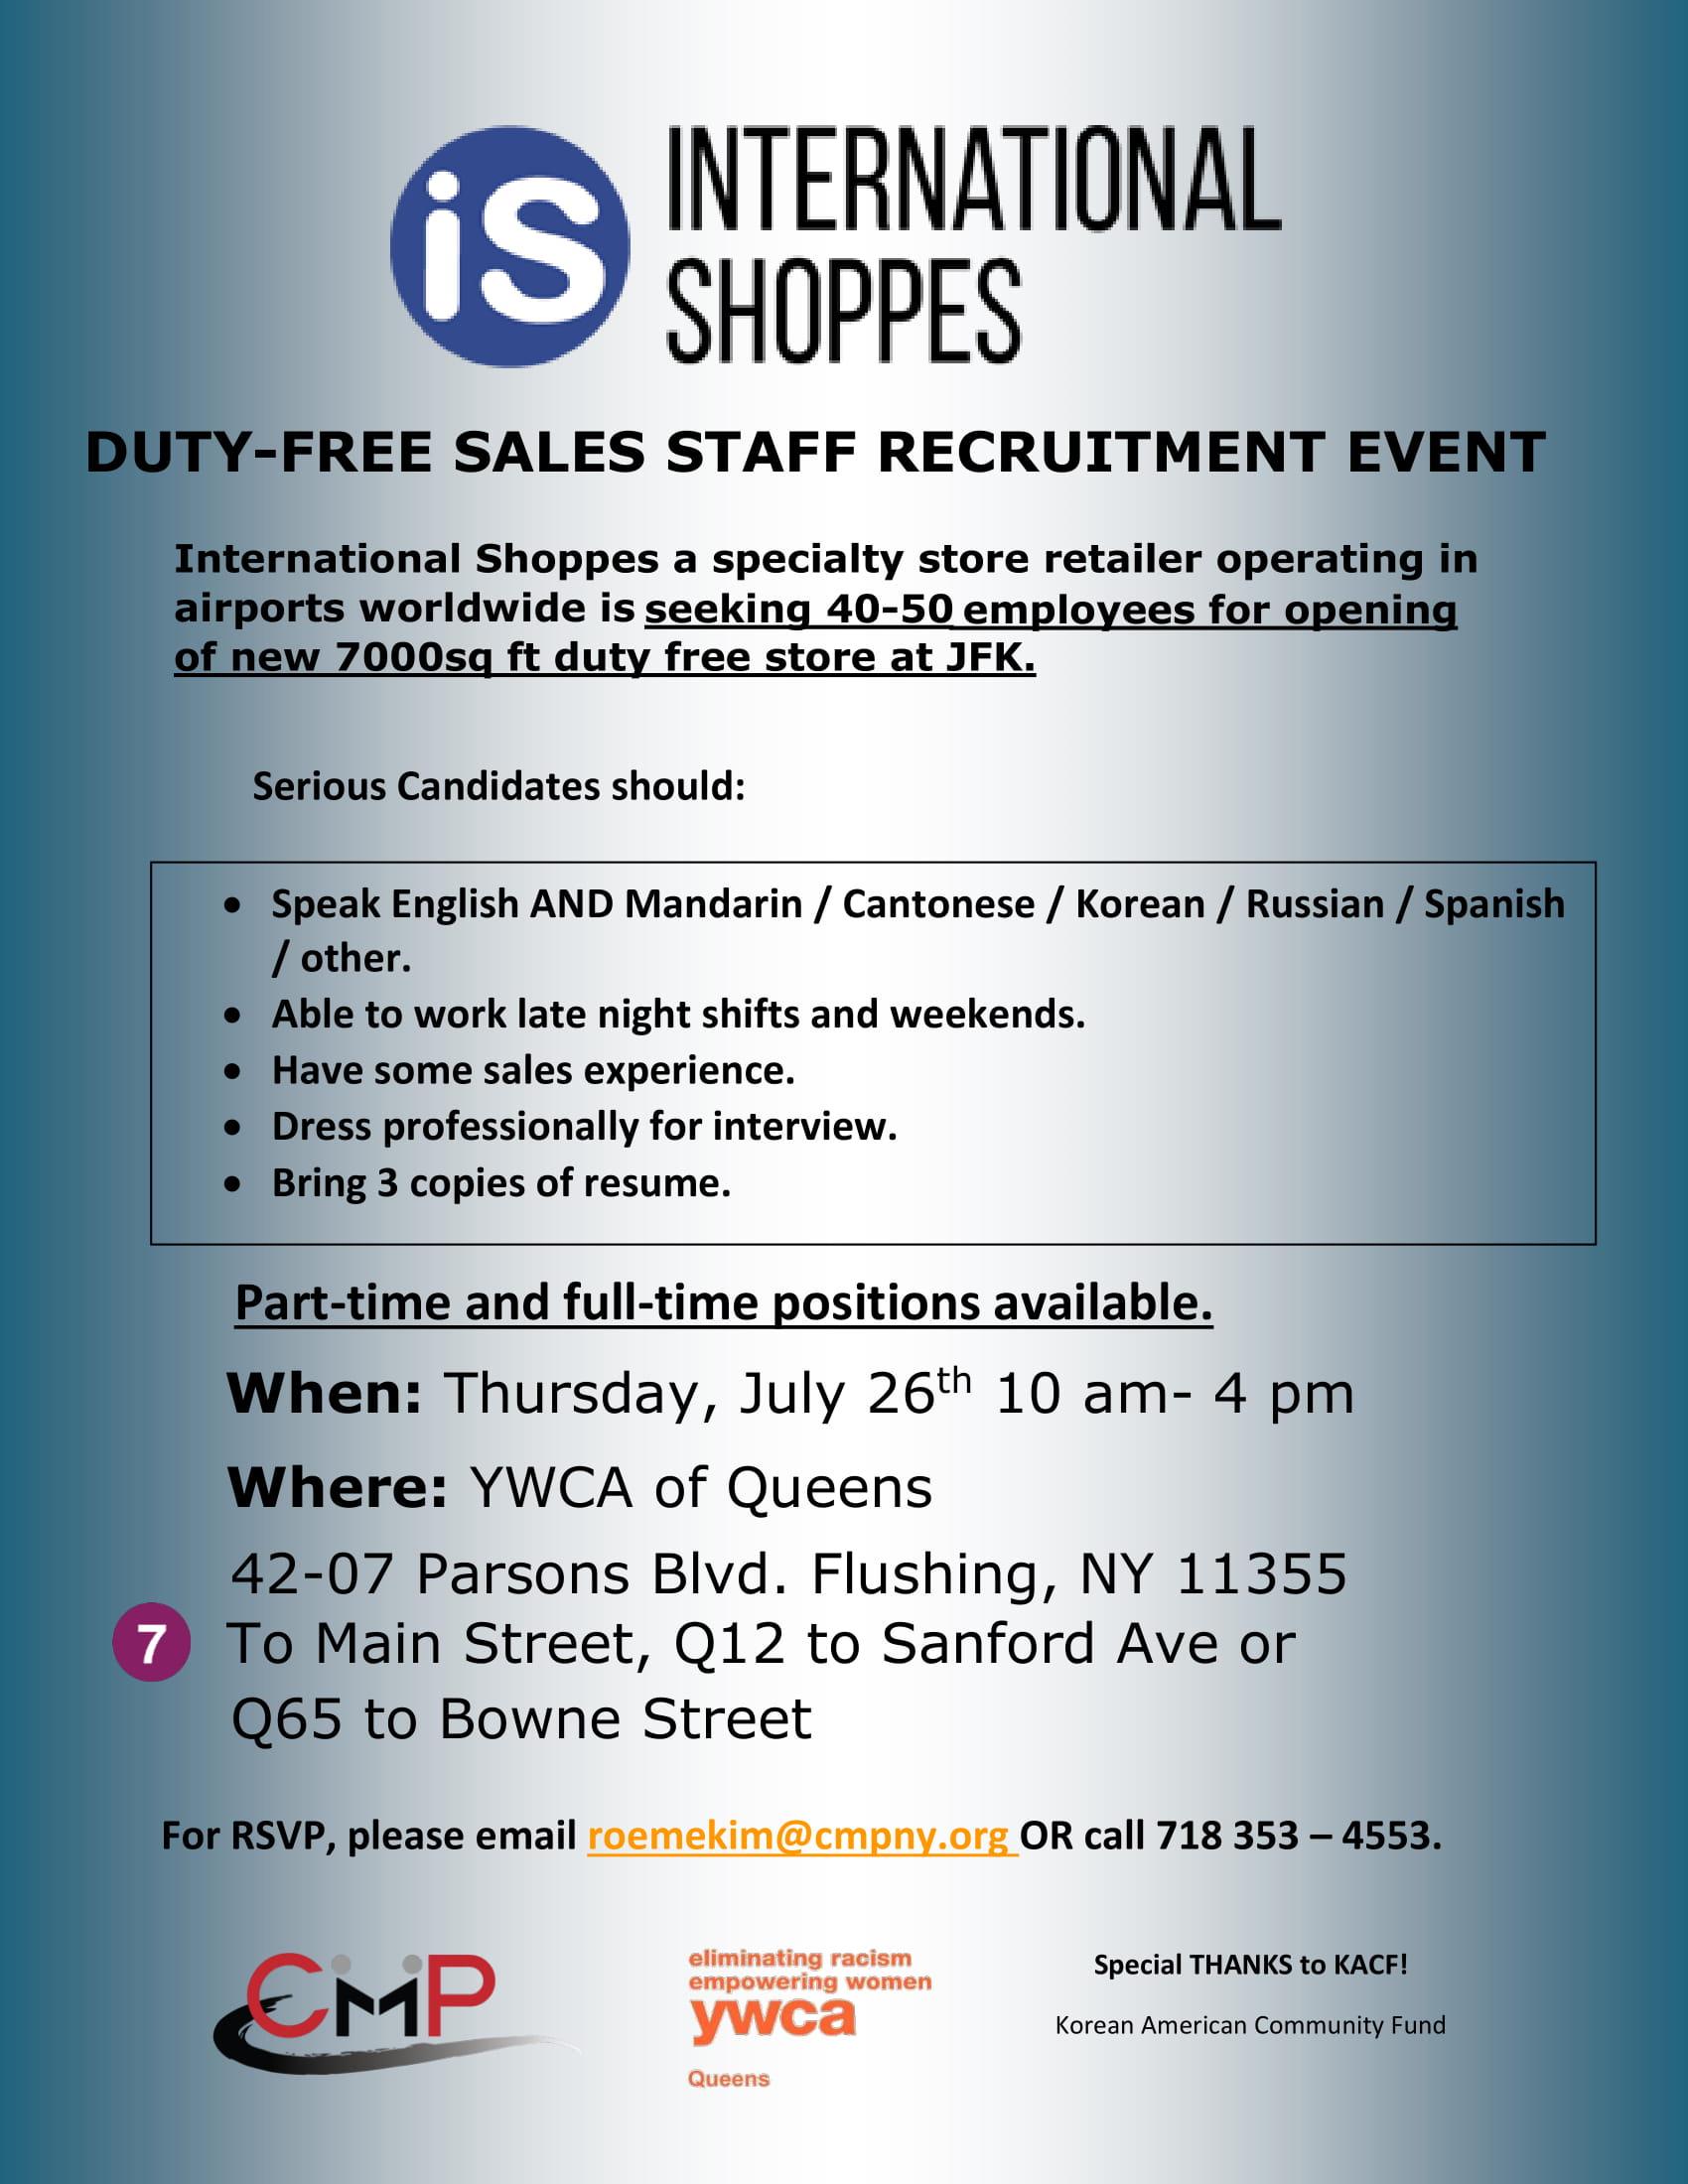 Internatonal Shoppe Recruitment Flyer  7-19 2-1.jpg